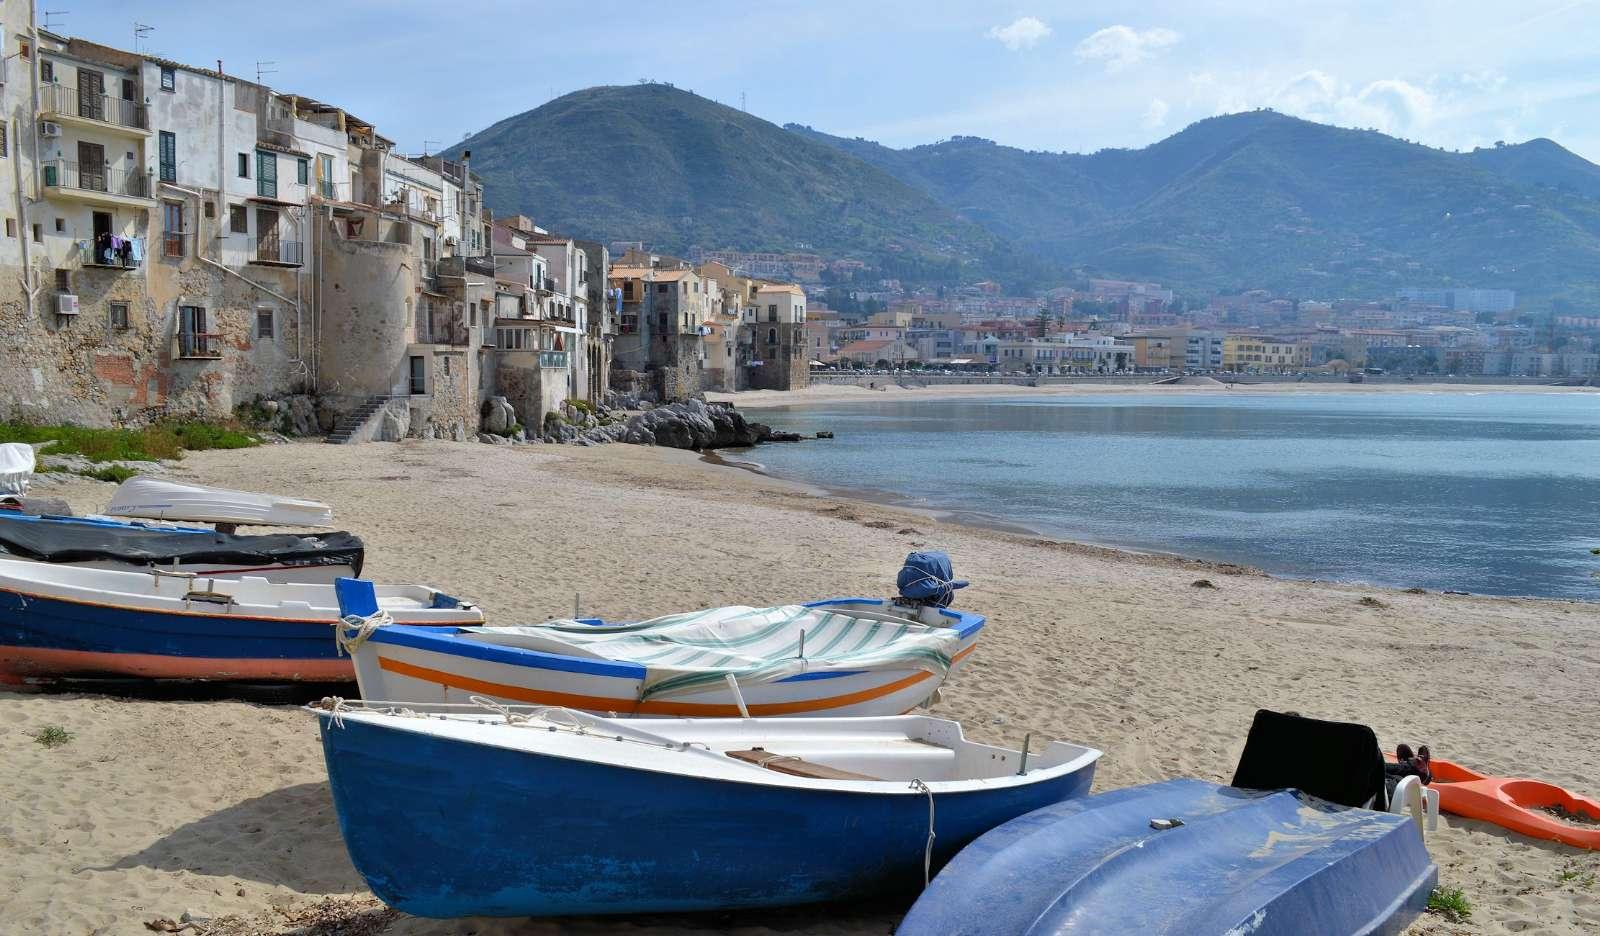 La plage et le petit port de Cefalù